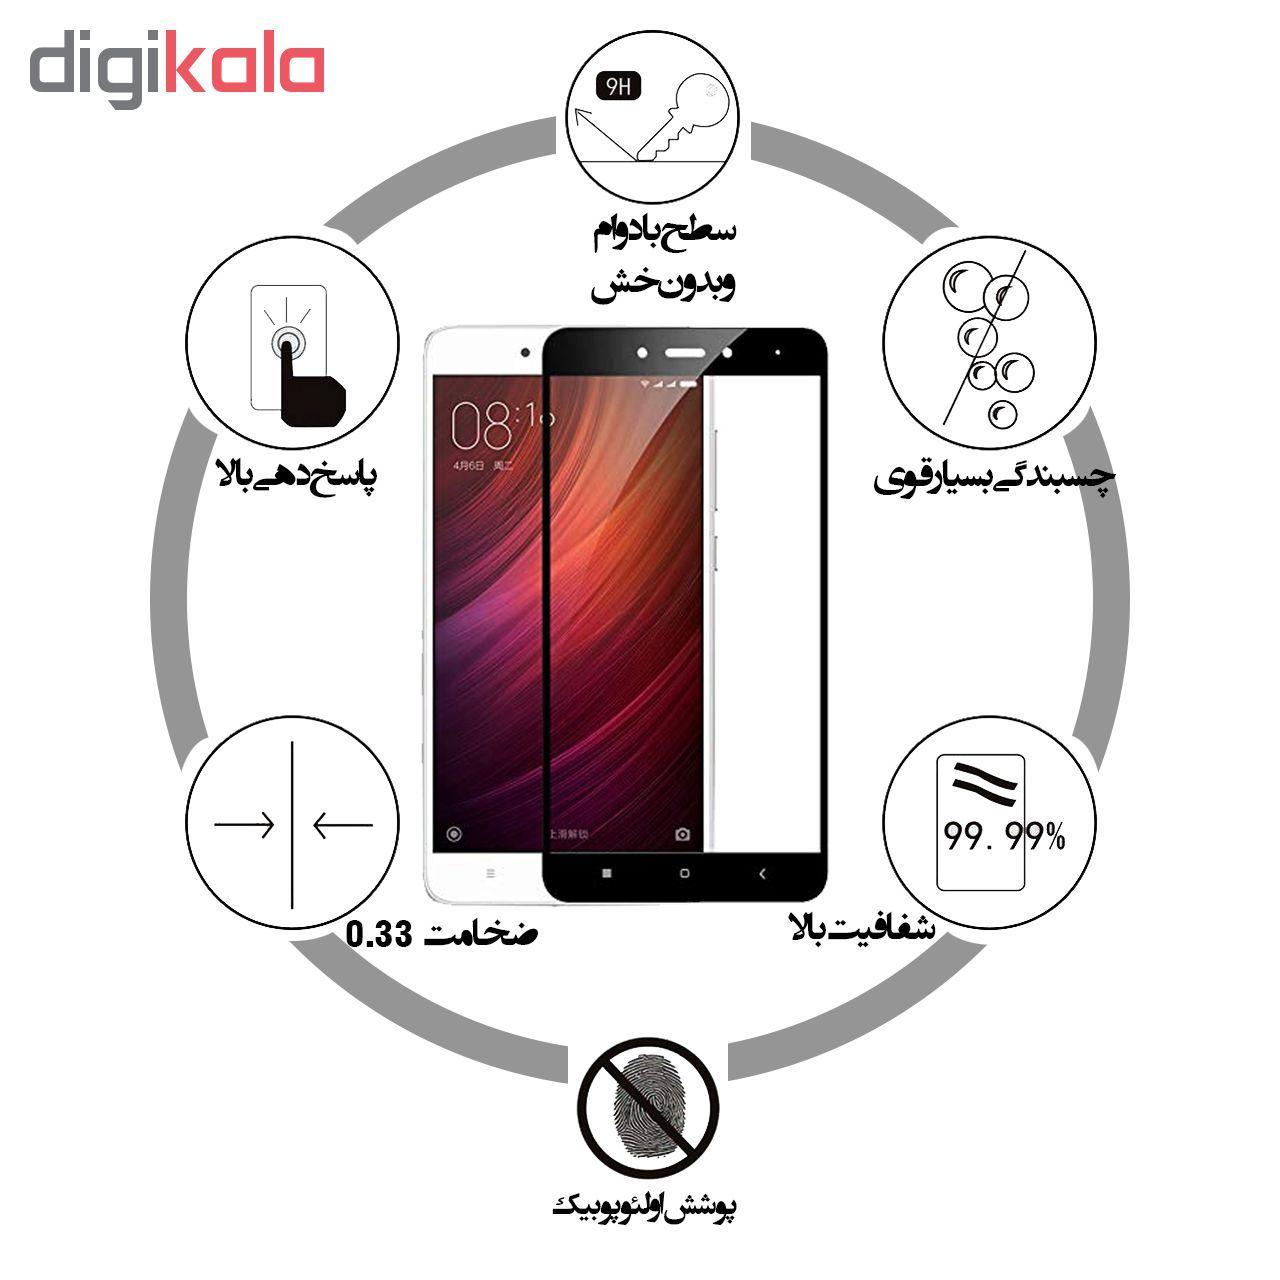 محافظ صفحه نمایش دبو مدل RX9M مناسب برای گوشی موبایل شیائومی Redmi Note 4X main 1 1